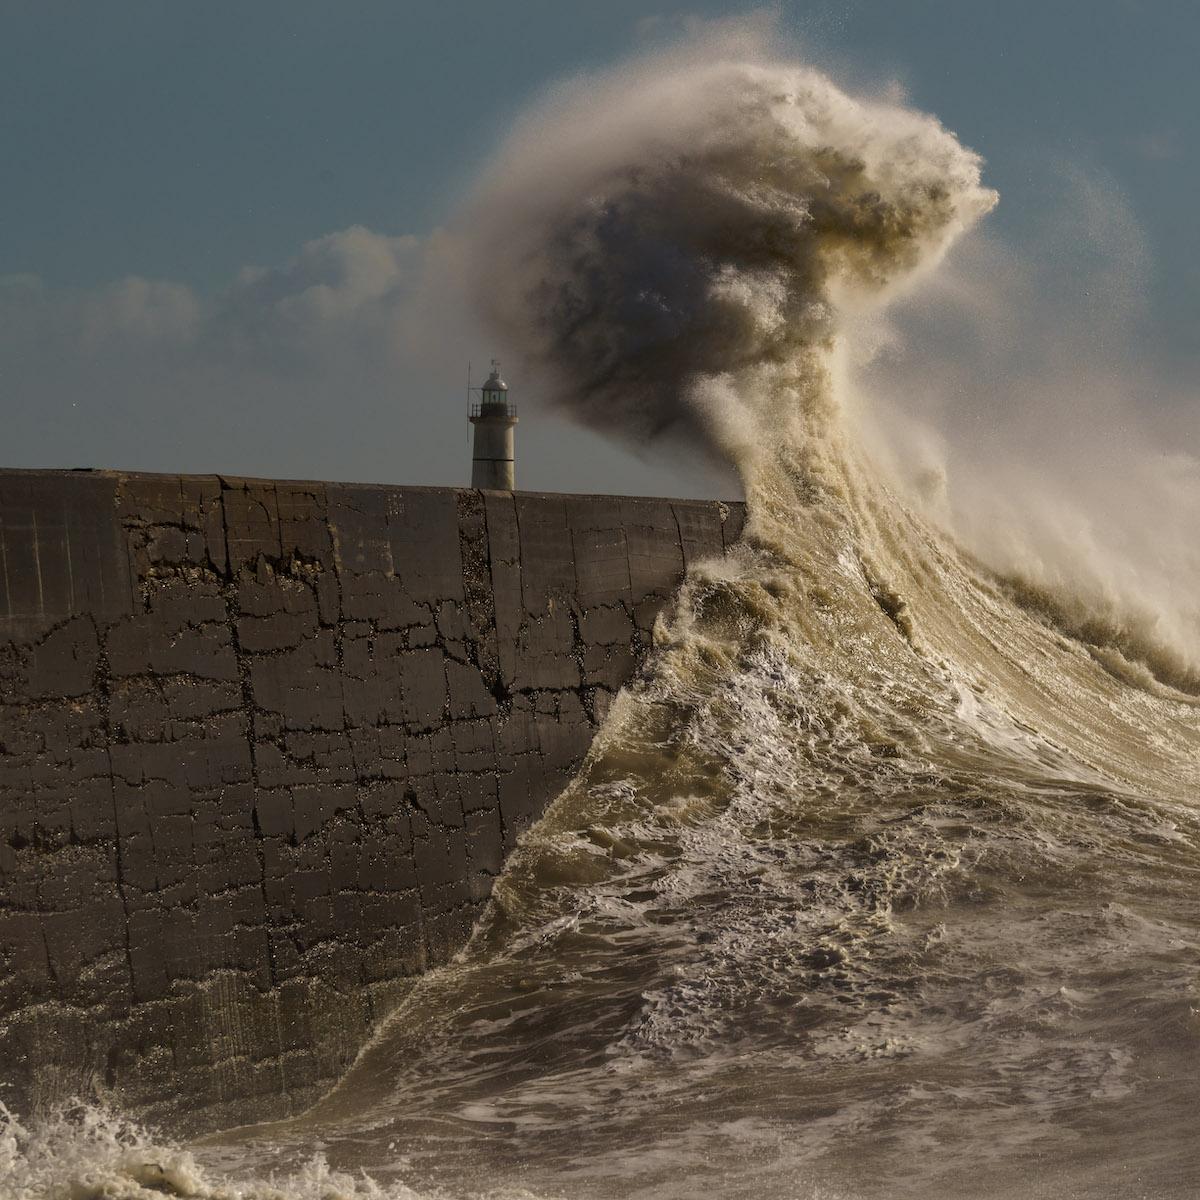 Wave Crashing into Harbor Wall at Newhaven